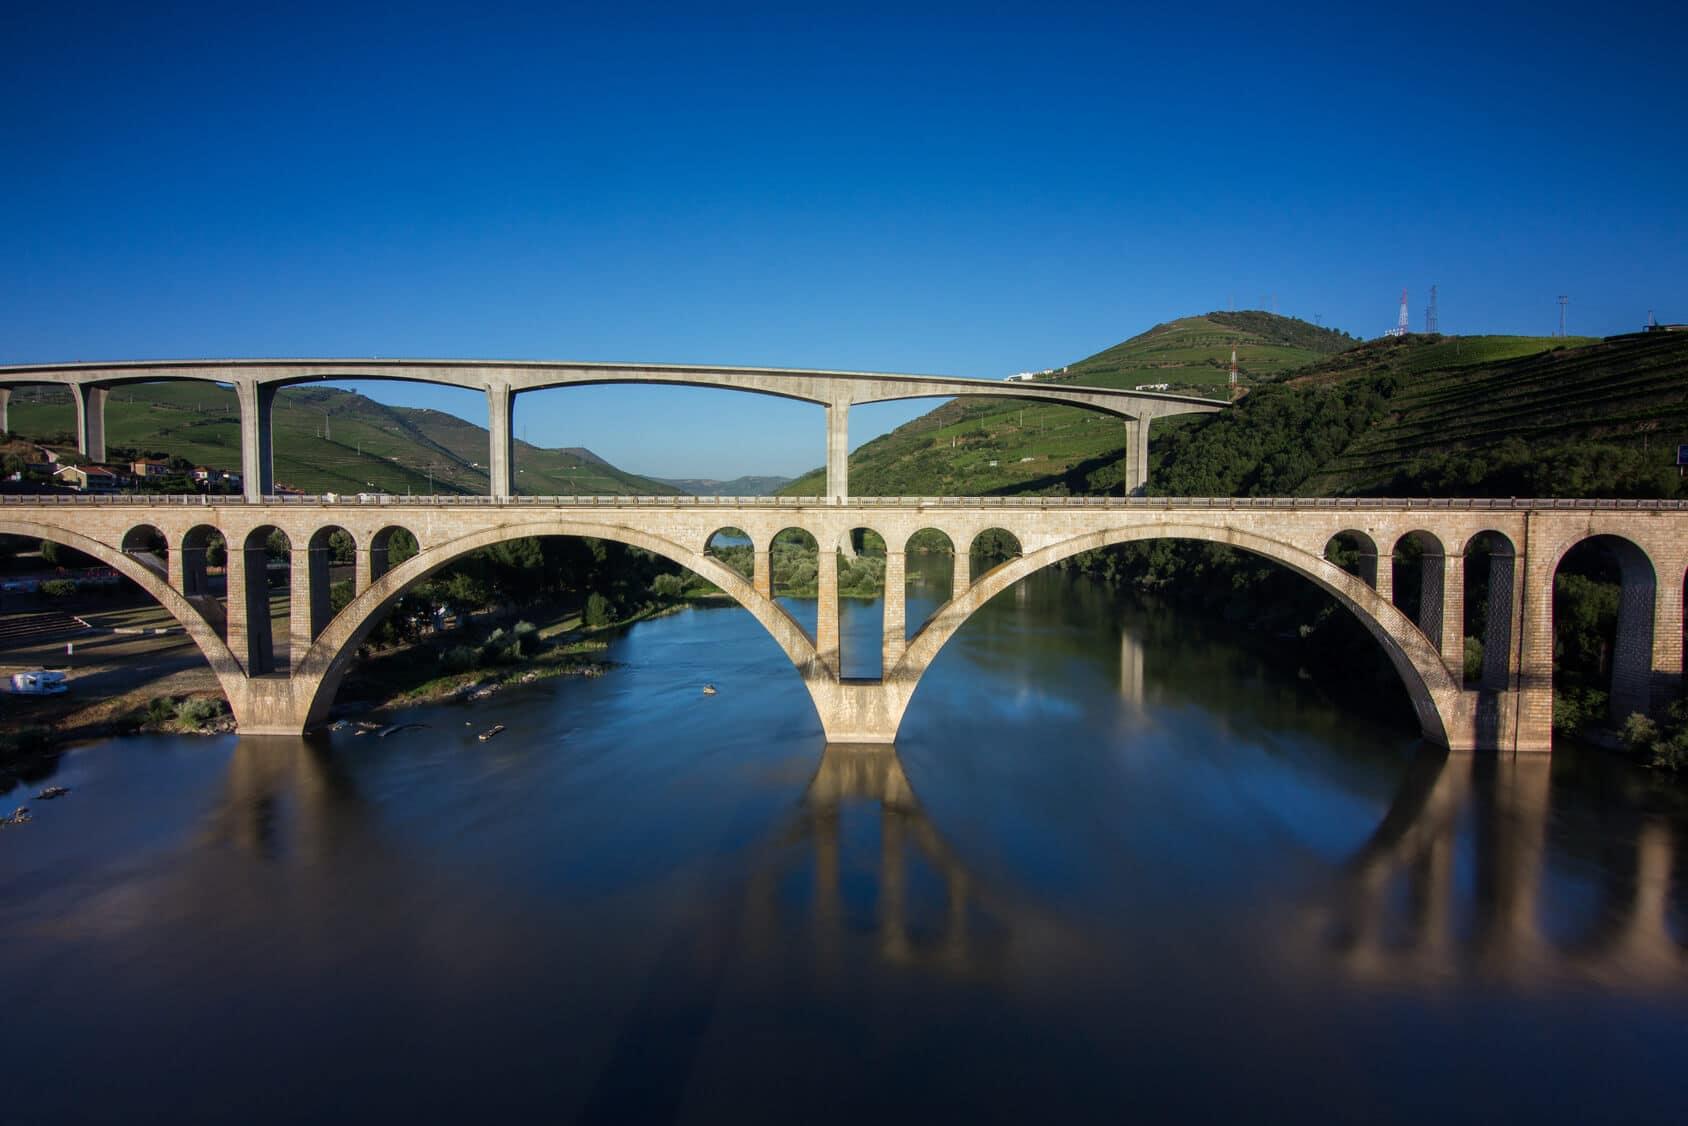 Bridges of Douro Valley